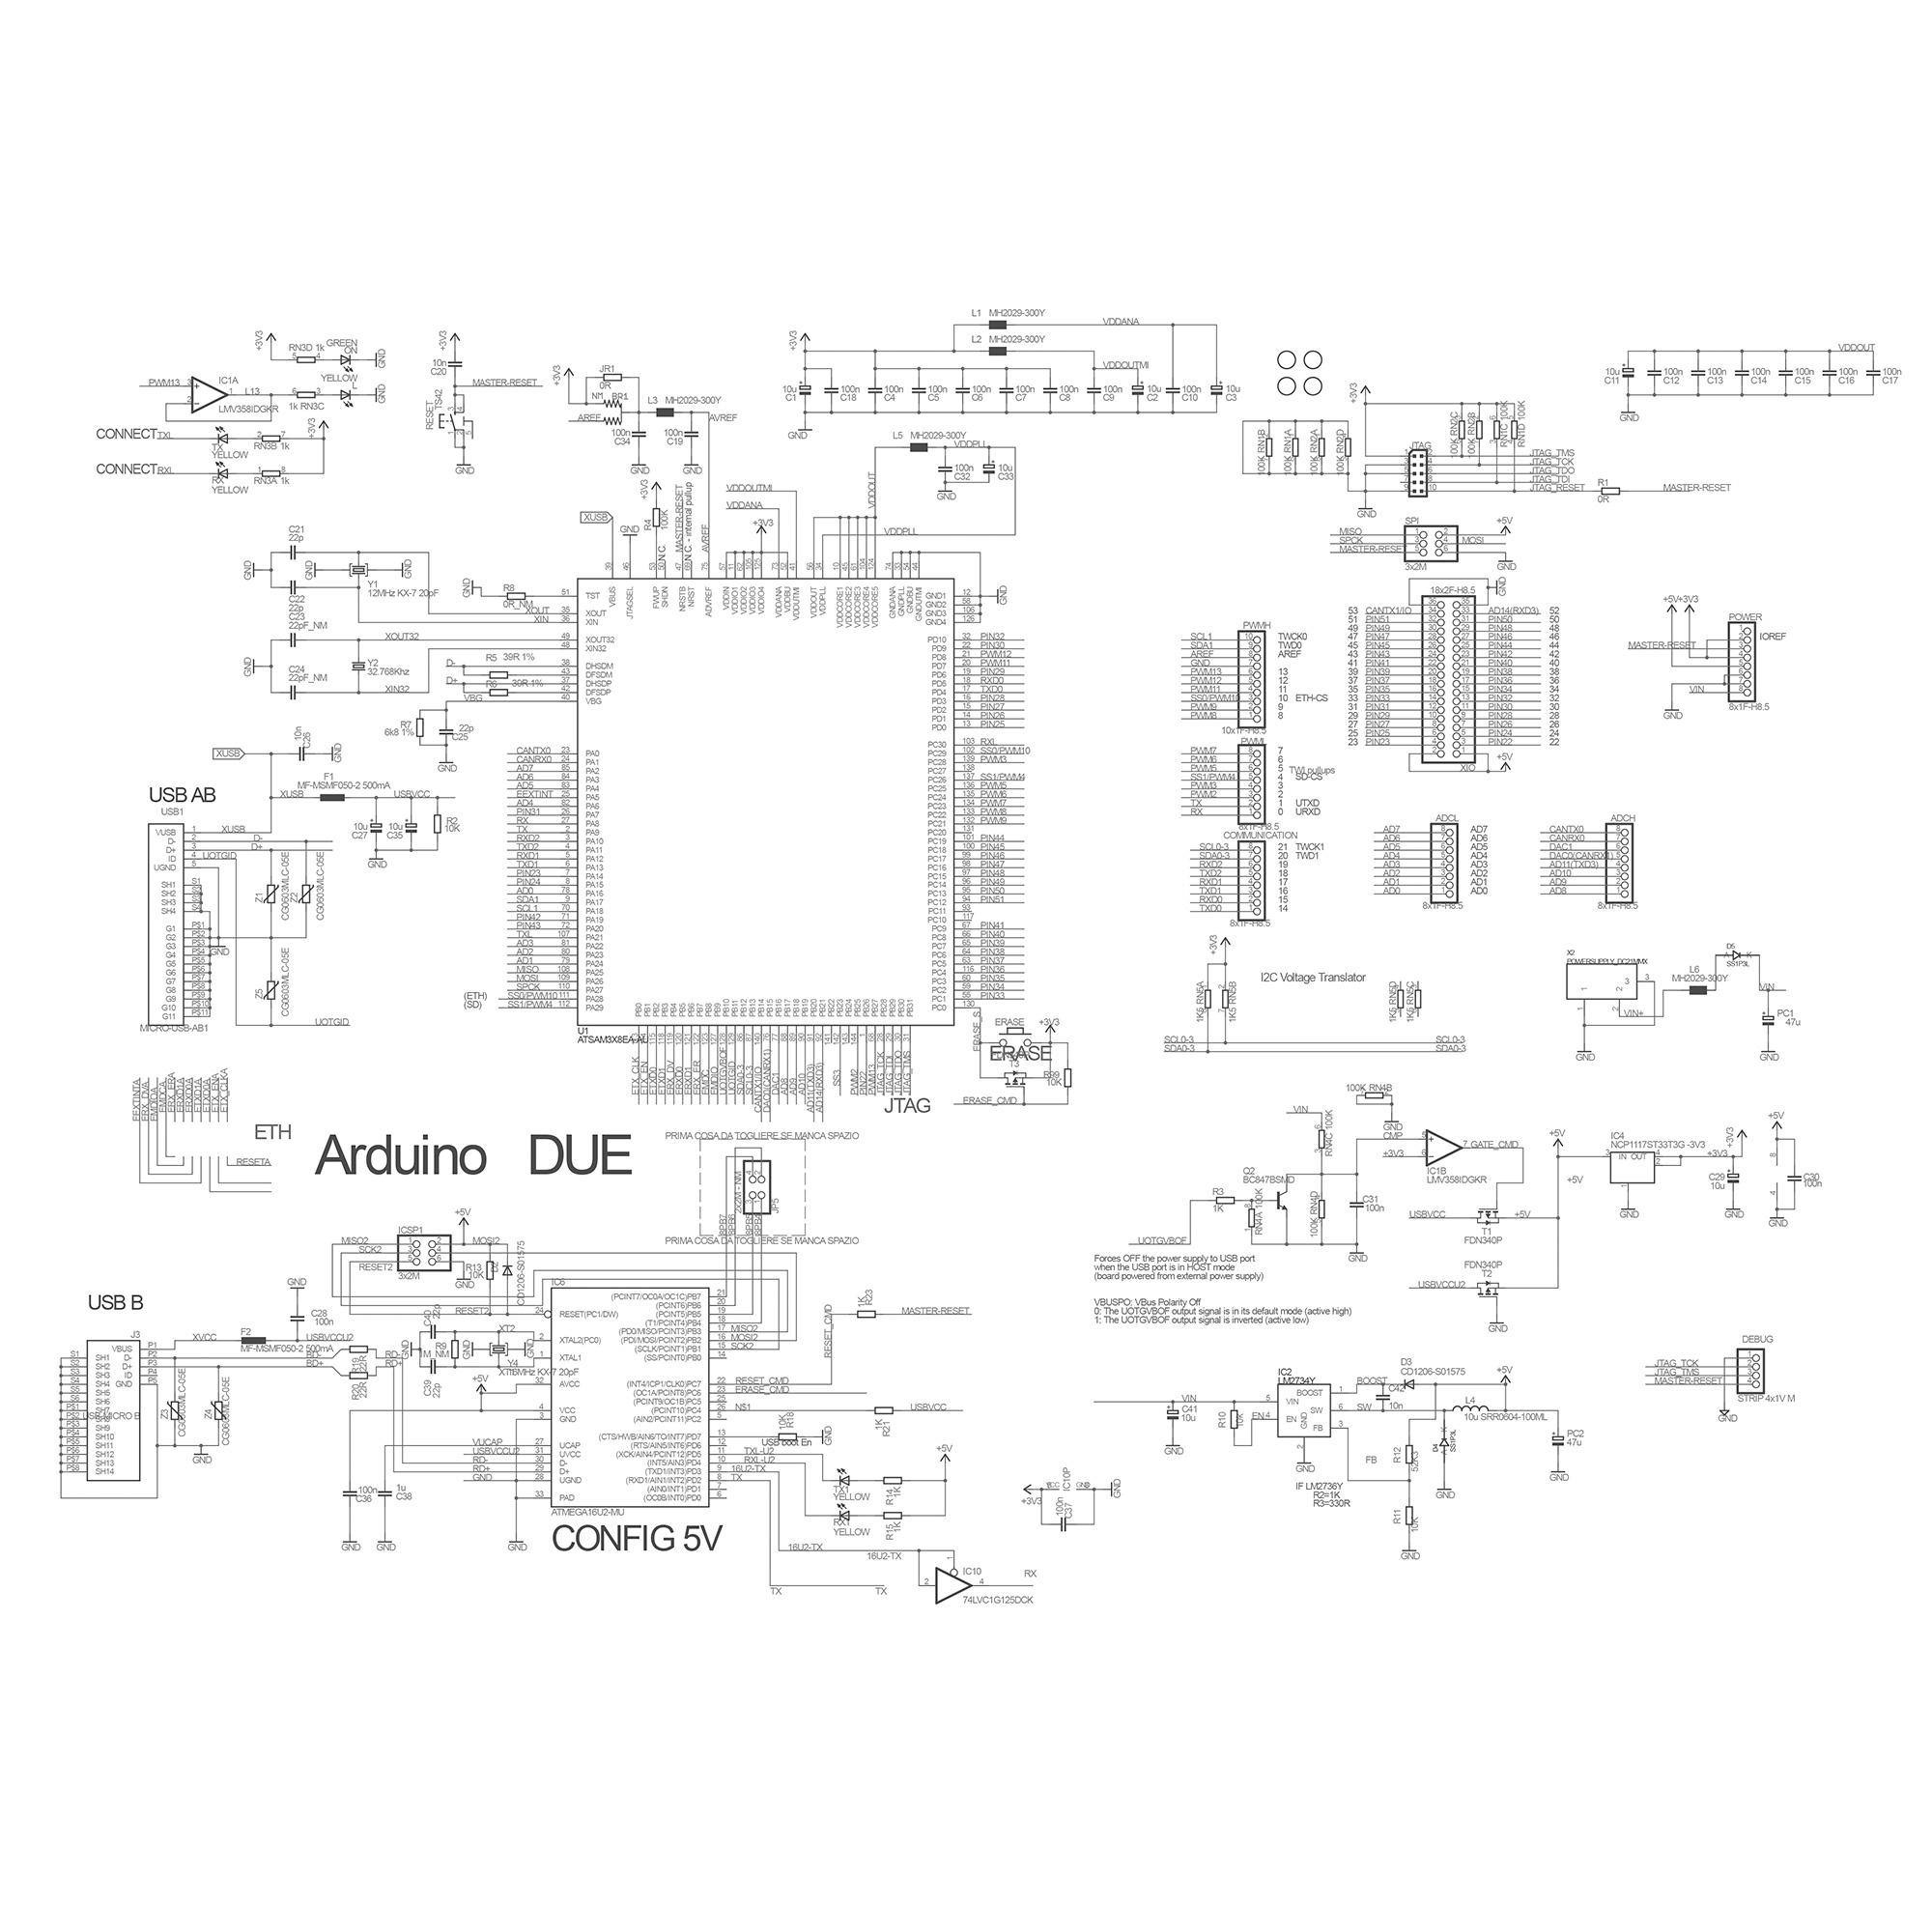 Принципиальная схема Arduino Due